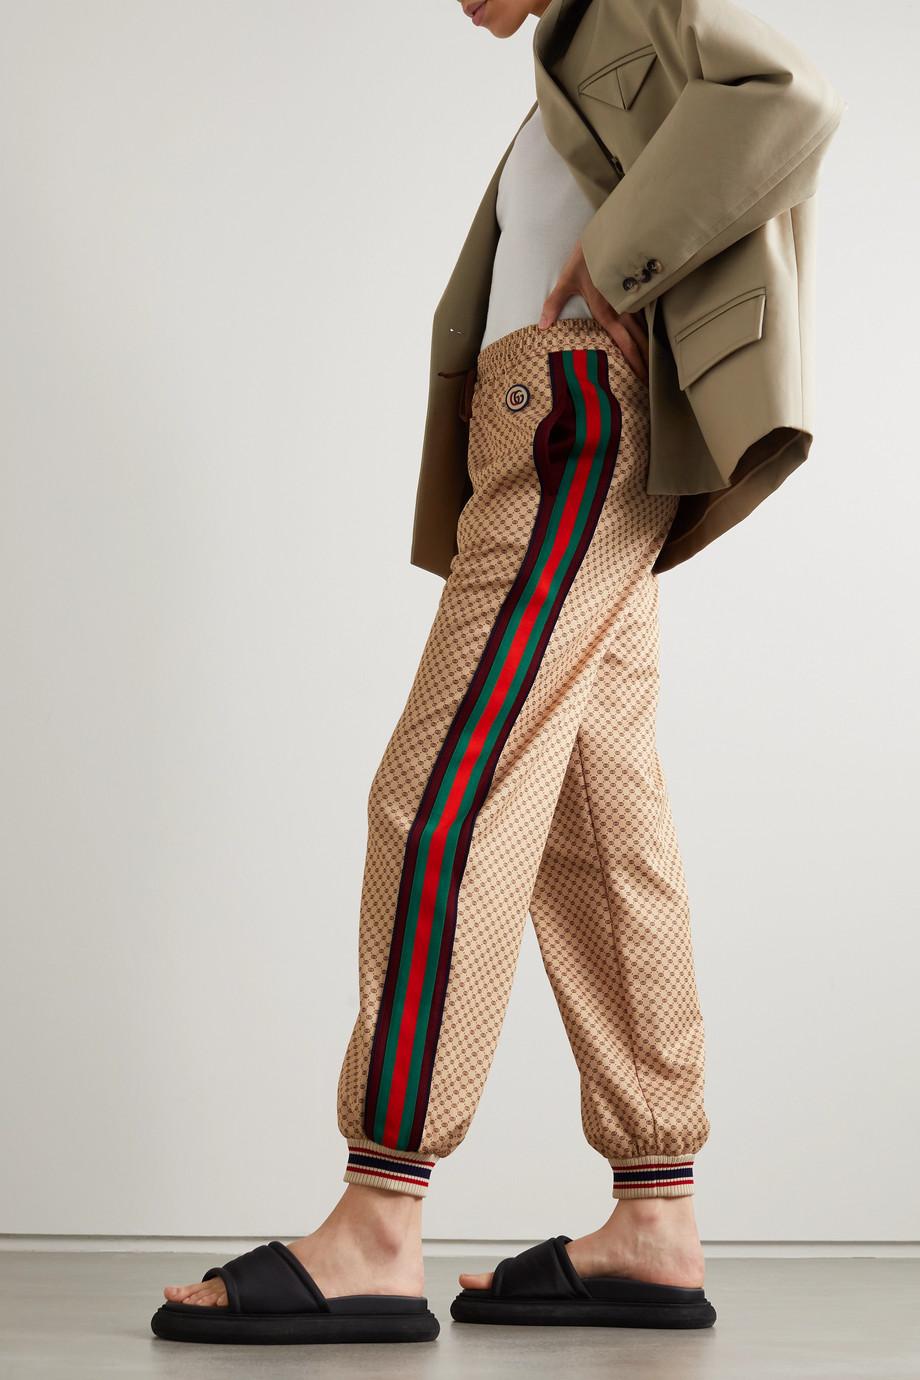 Gucci Jogginghose aus bedrucktem technischem Jersey mit Streifen und Applikation